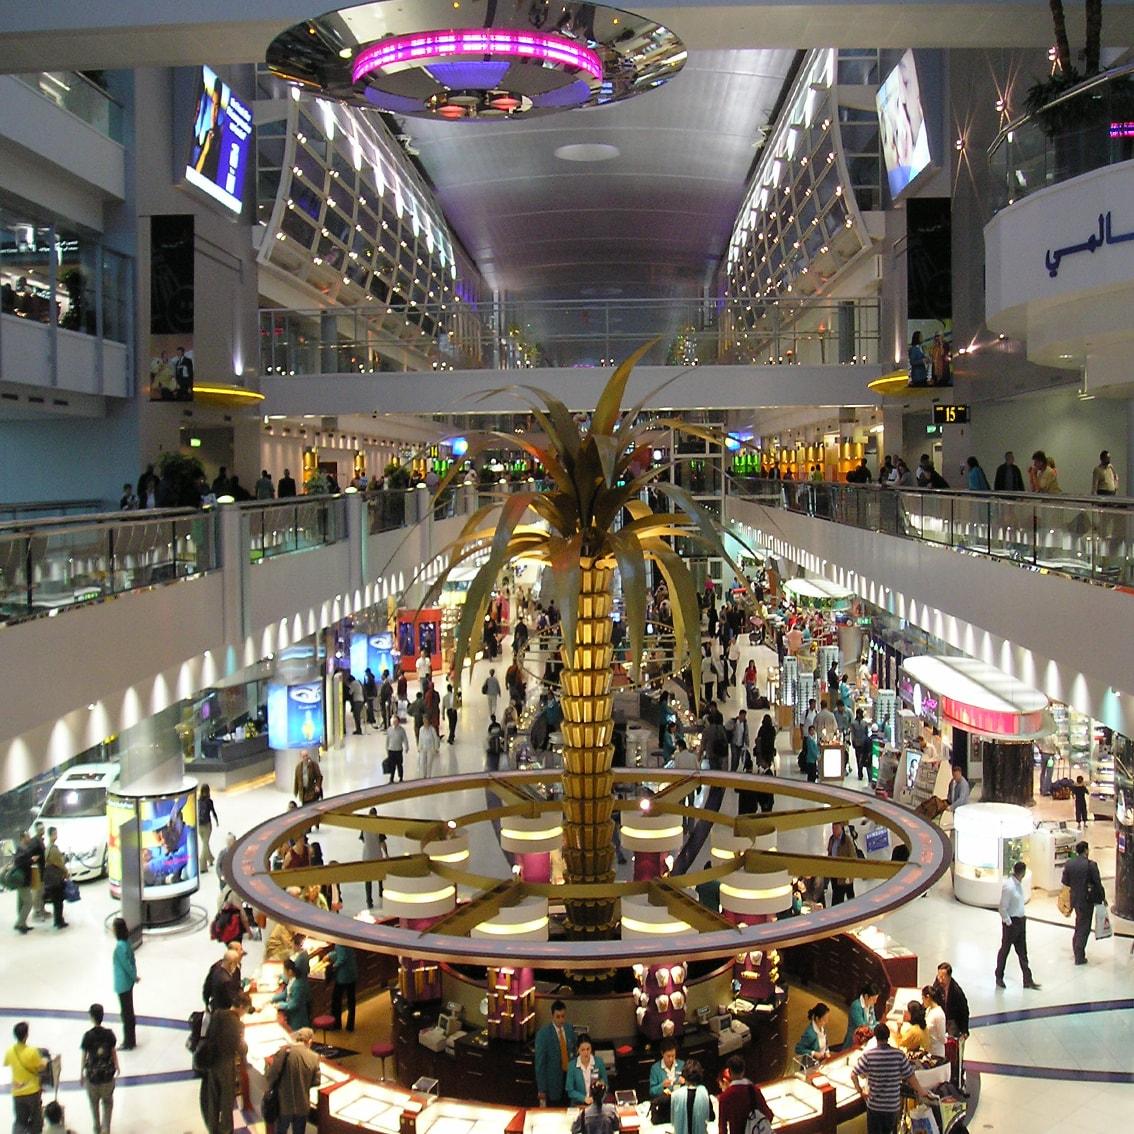 Аэропорт дубай терминал 3 продажа недвижимости за рубежом получение денег